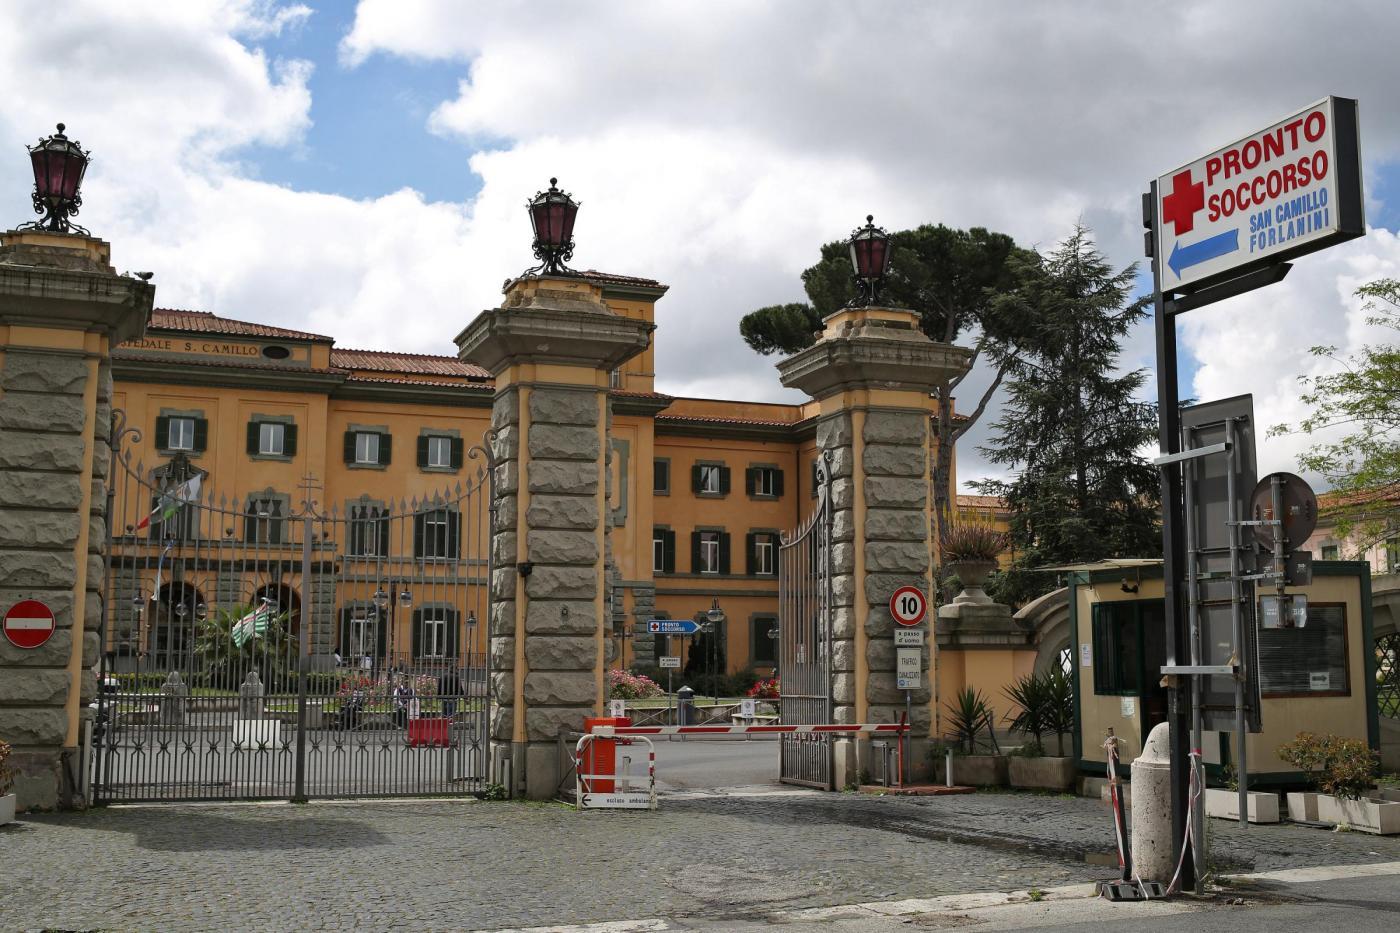 L'Ospedale San Camillo, dove è morto un degente a seguito di un incendio